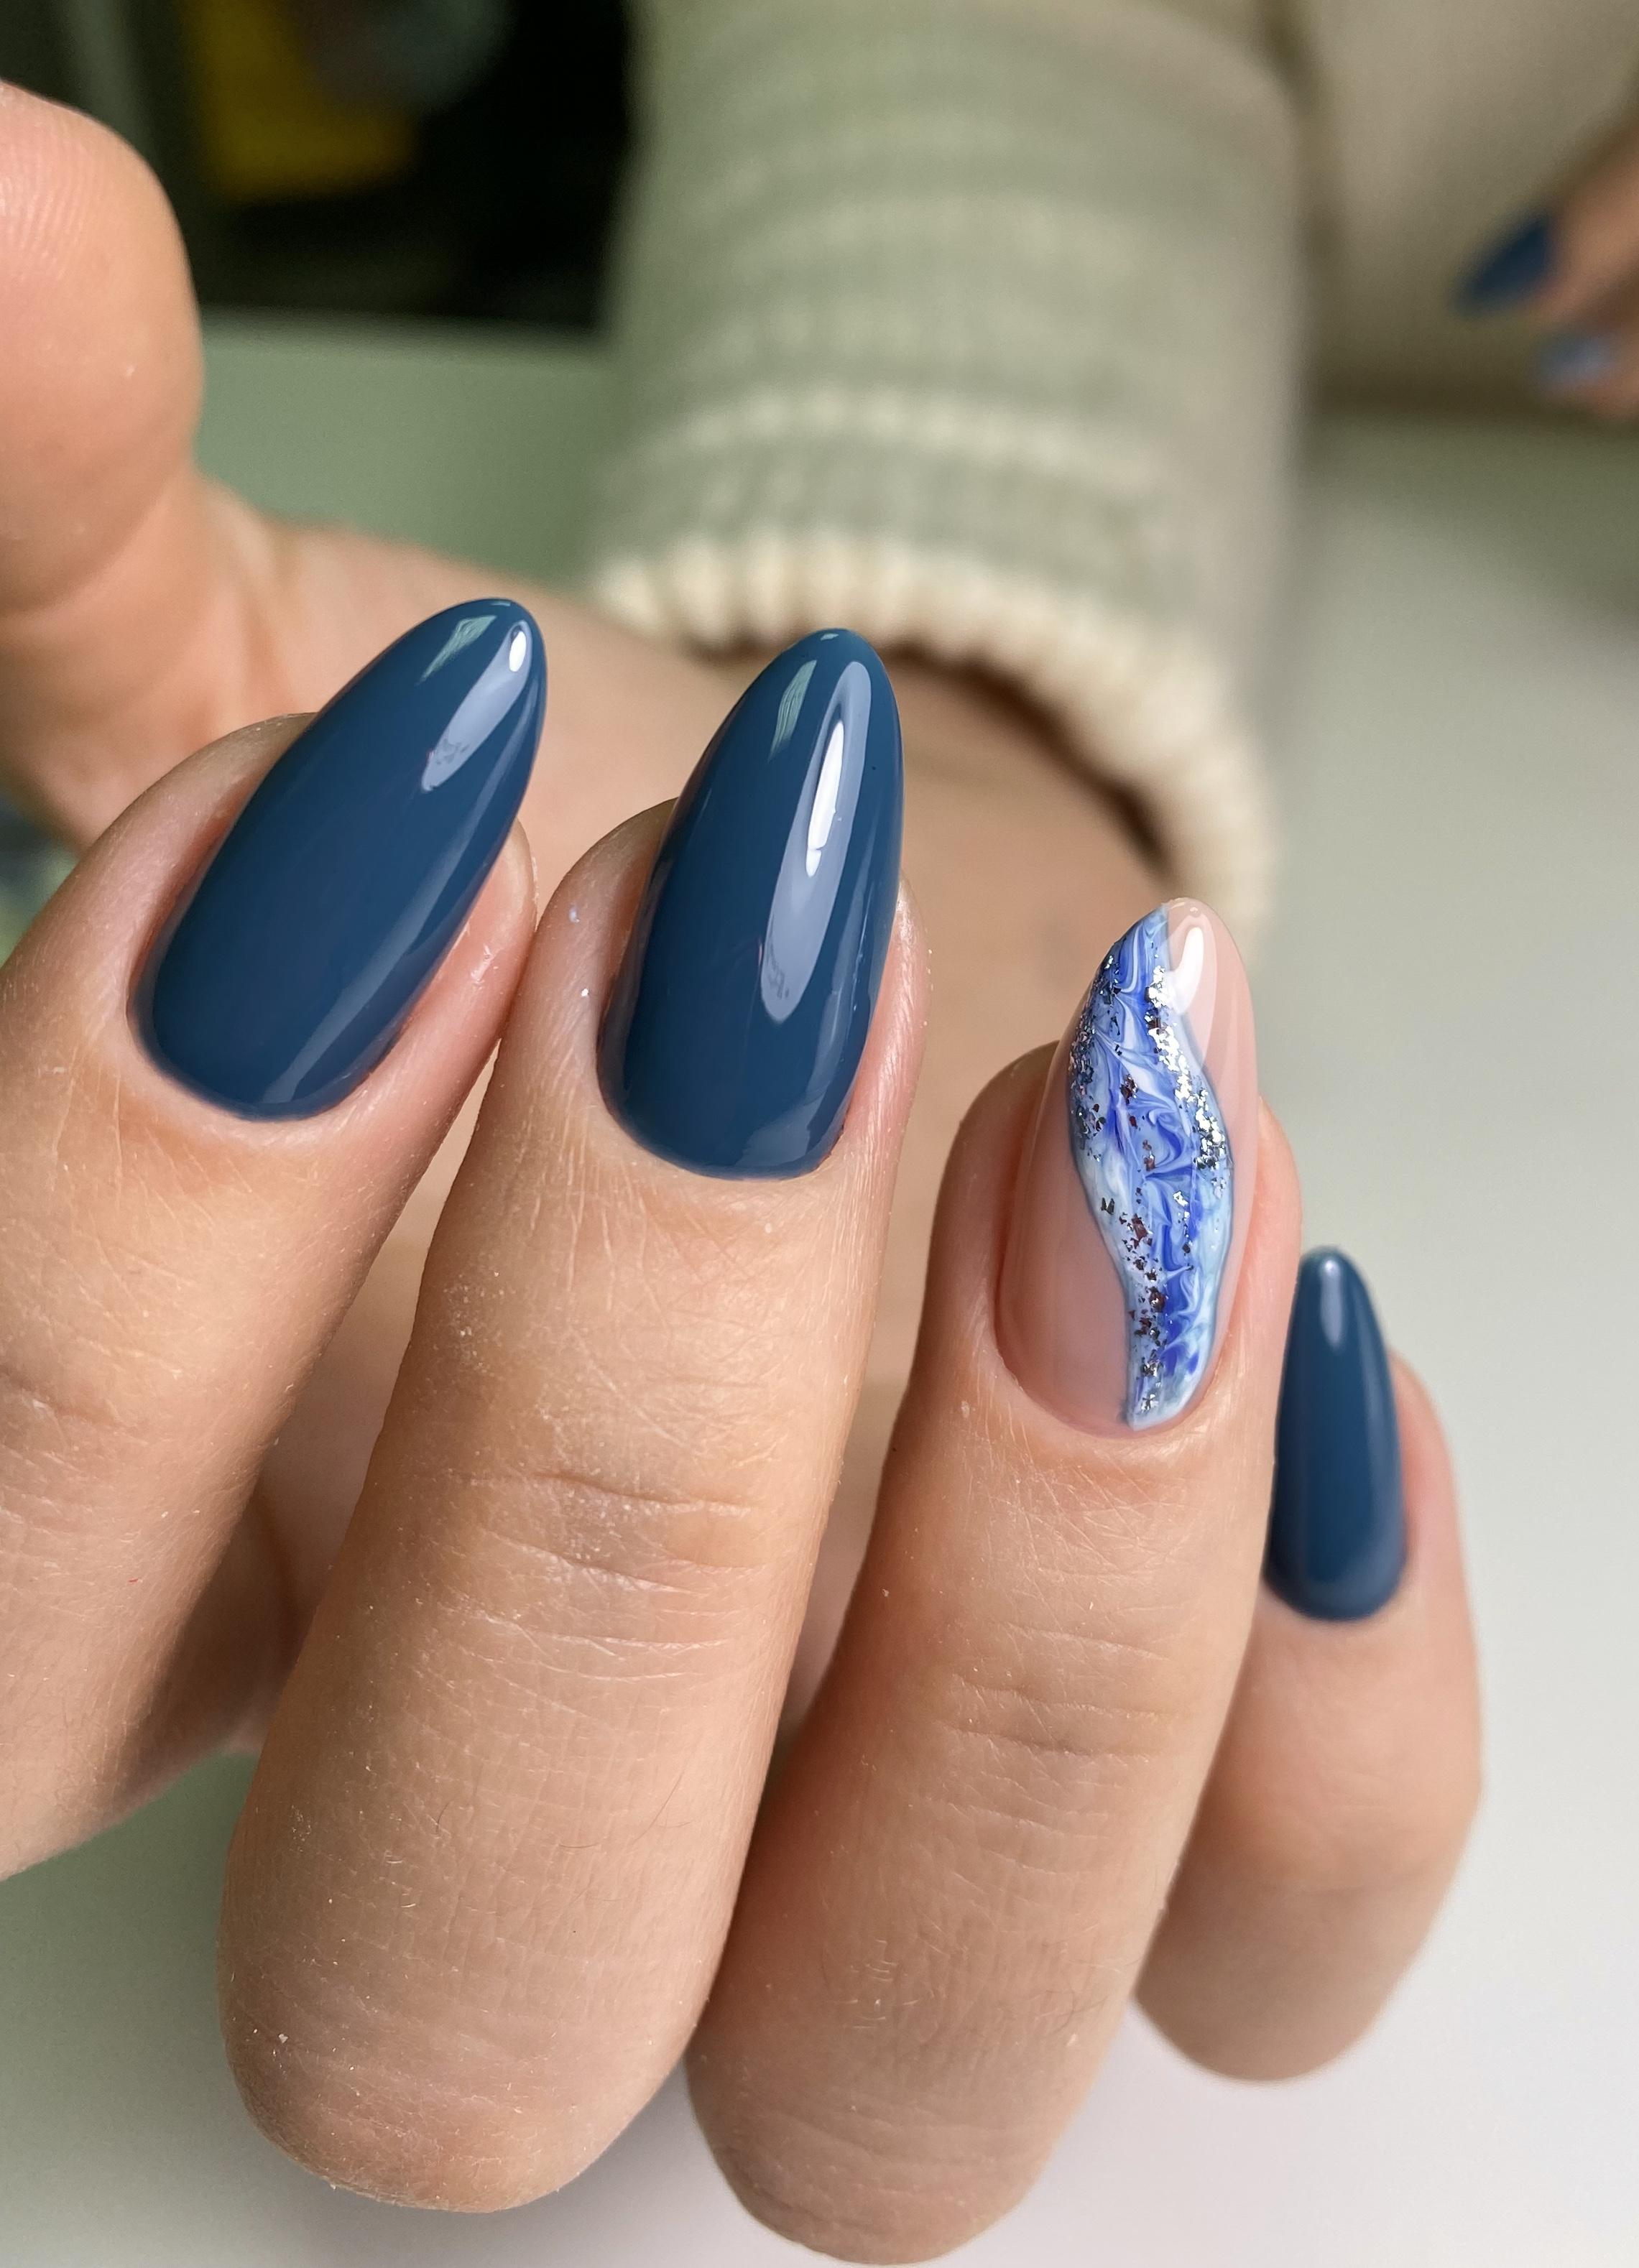 Маникюр с морским дизайном в синем цвете.